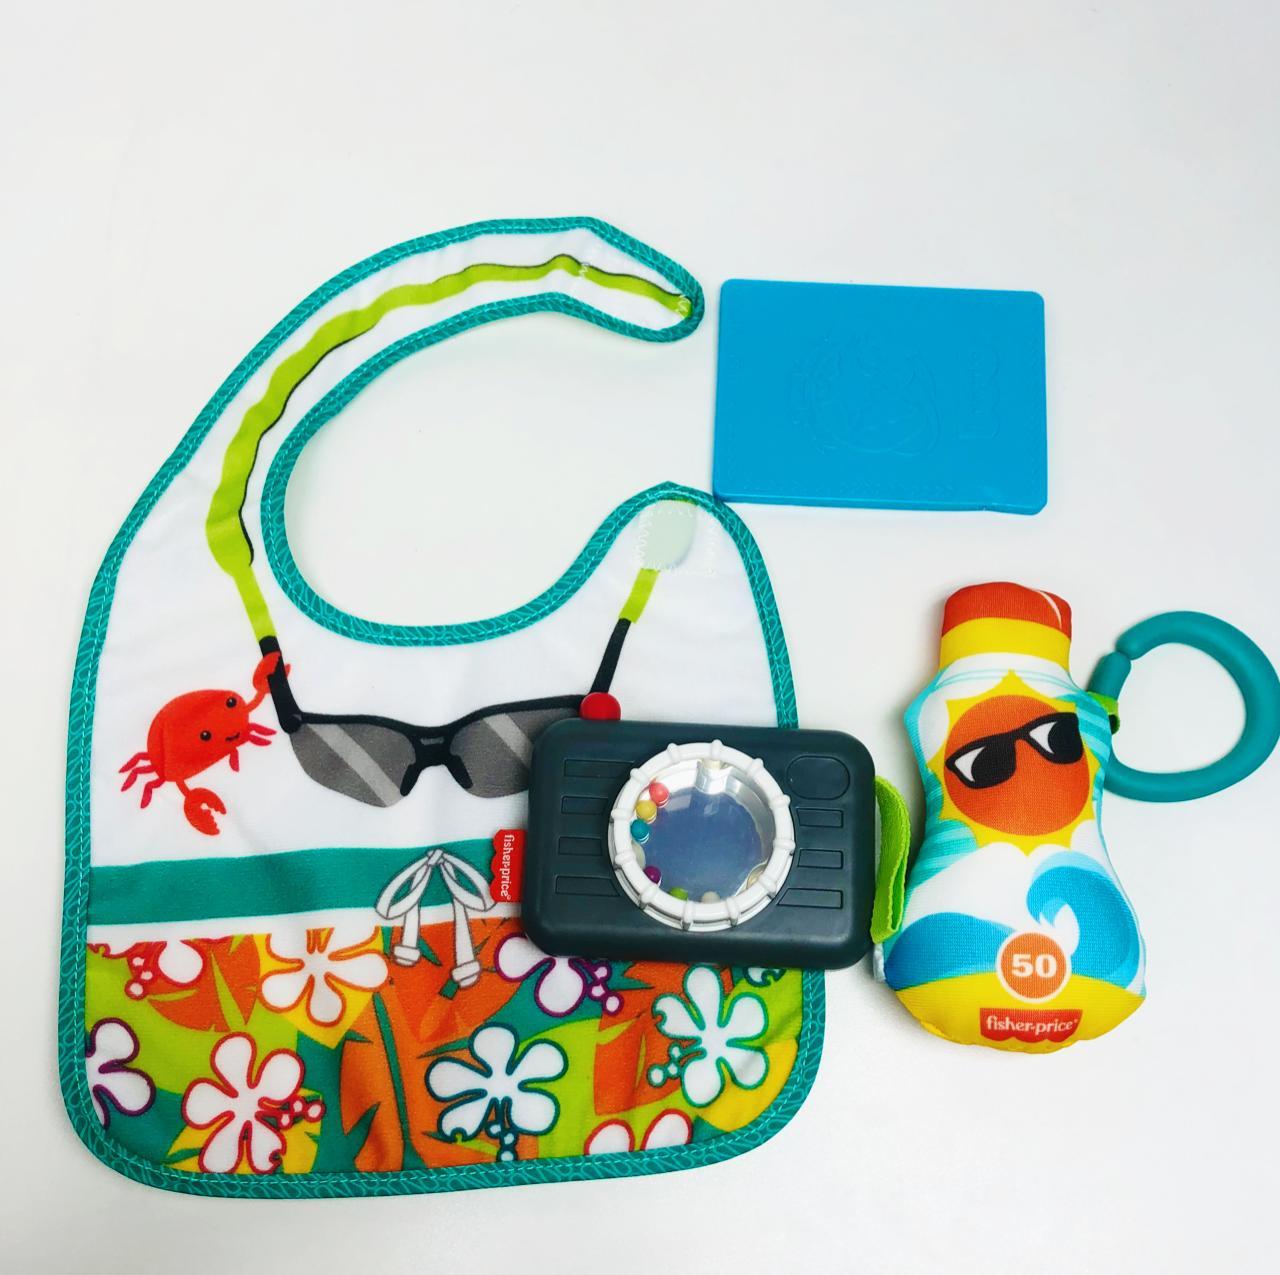 Conjunto de Atividades com Mordedor - Baby Mini Turista - Fisher-Price